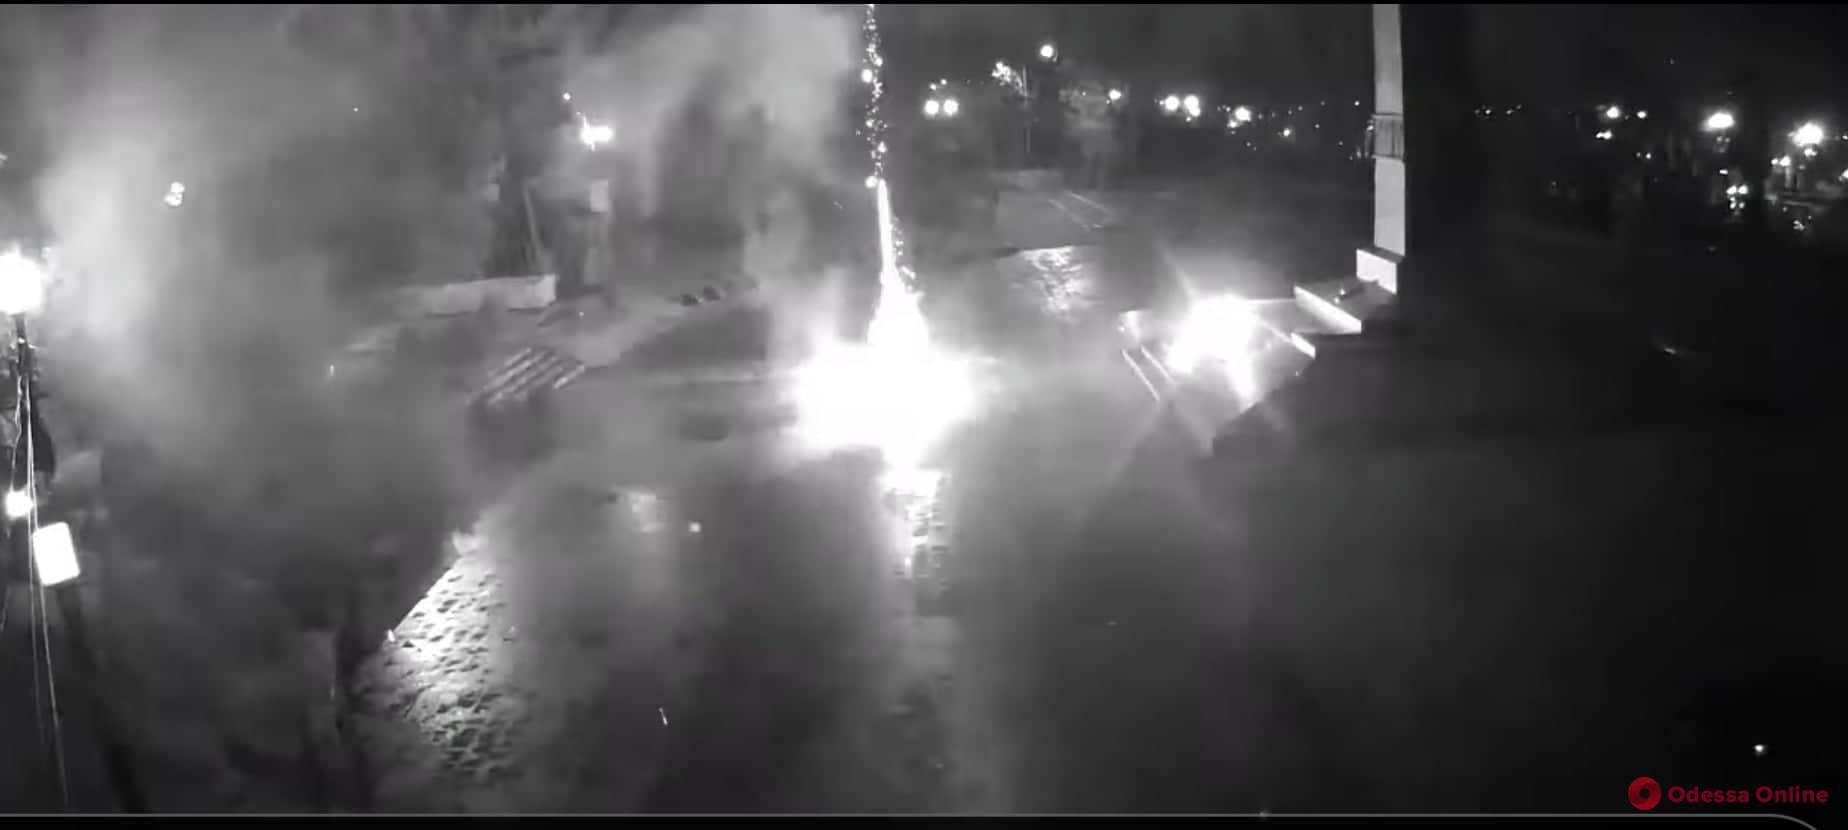 Неизвестные устроили фейерверки возле Вечного огня в парке Шевченко (видео)